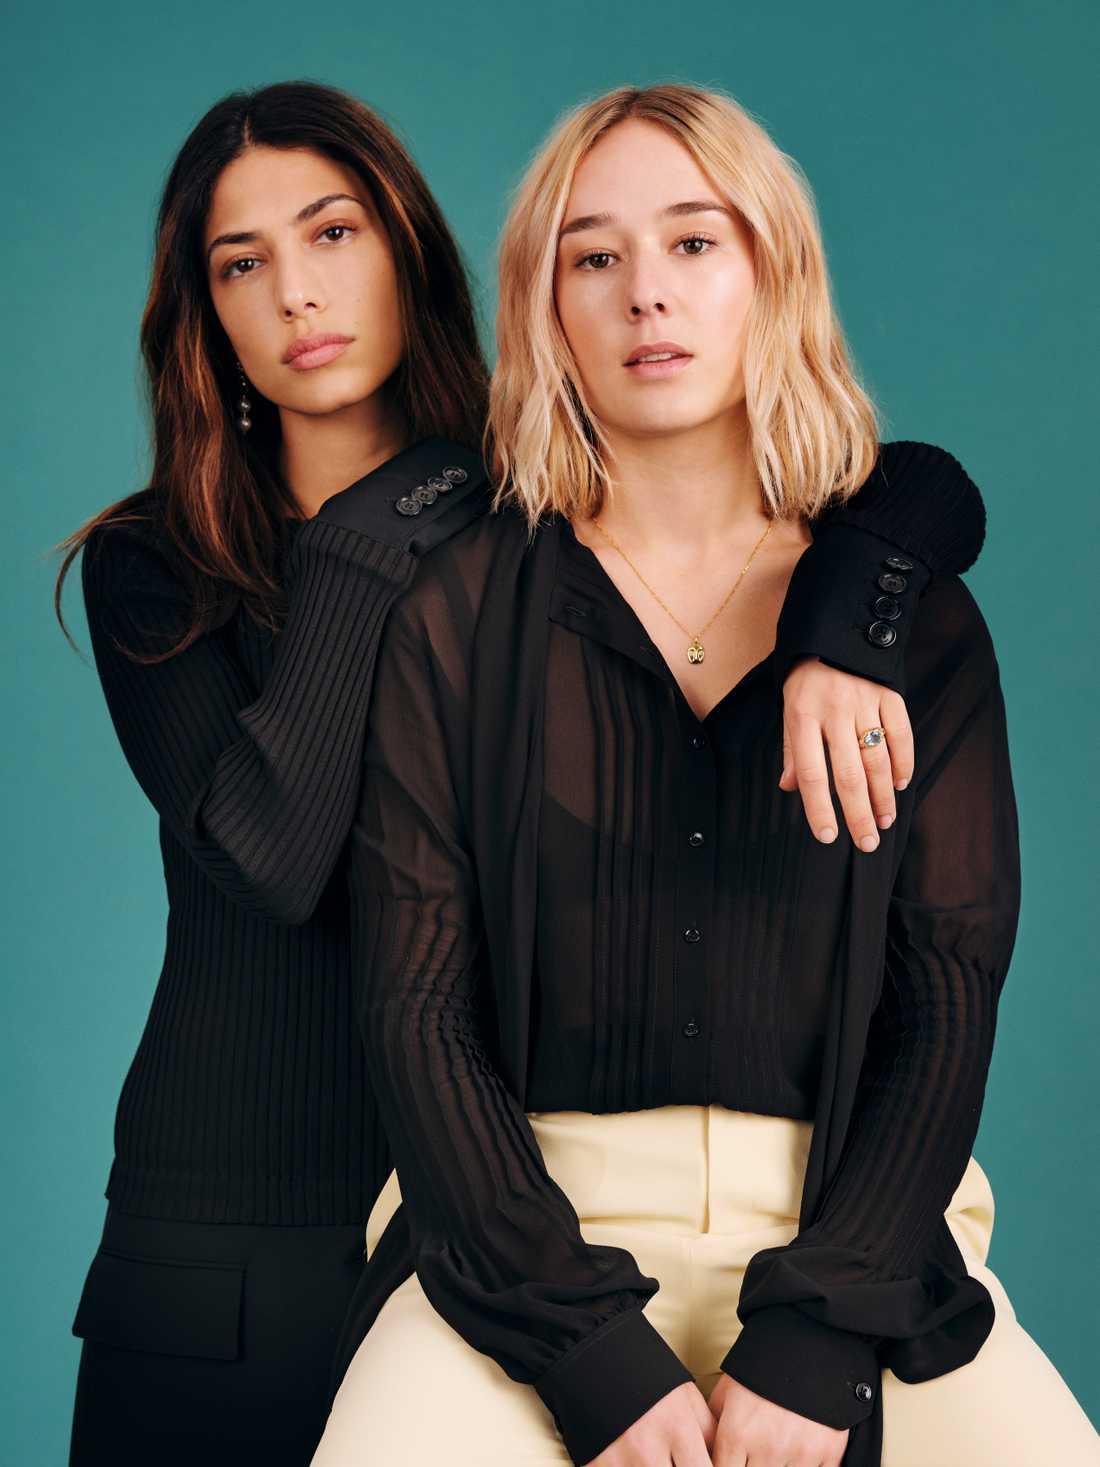 """De svenska skådespelarna Evin Ahmad och Alba August spelar båda i säsong två av den danska Netflix-serien """"The rain"""". Pressbild."""